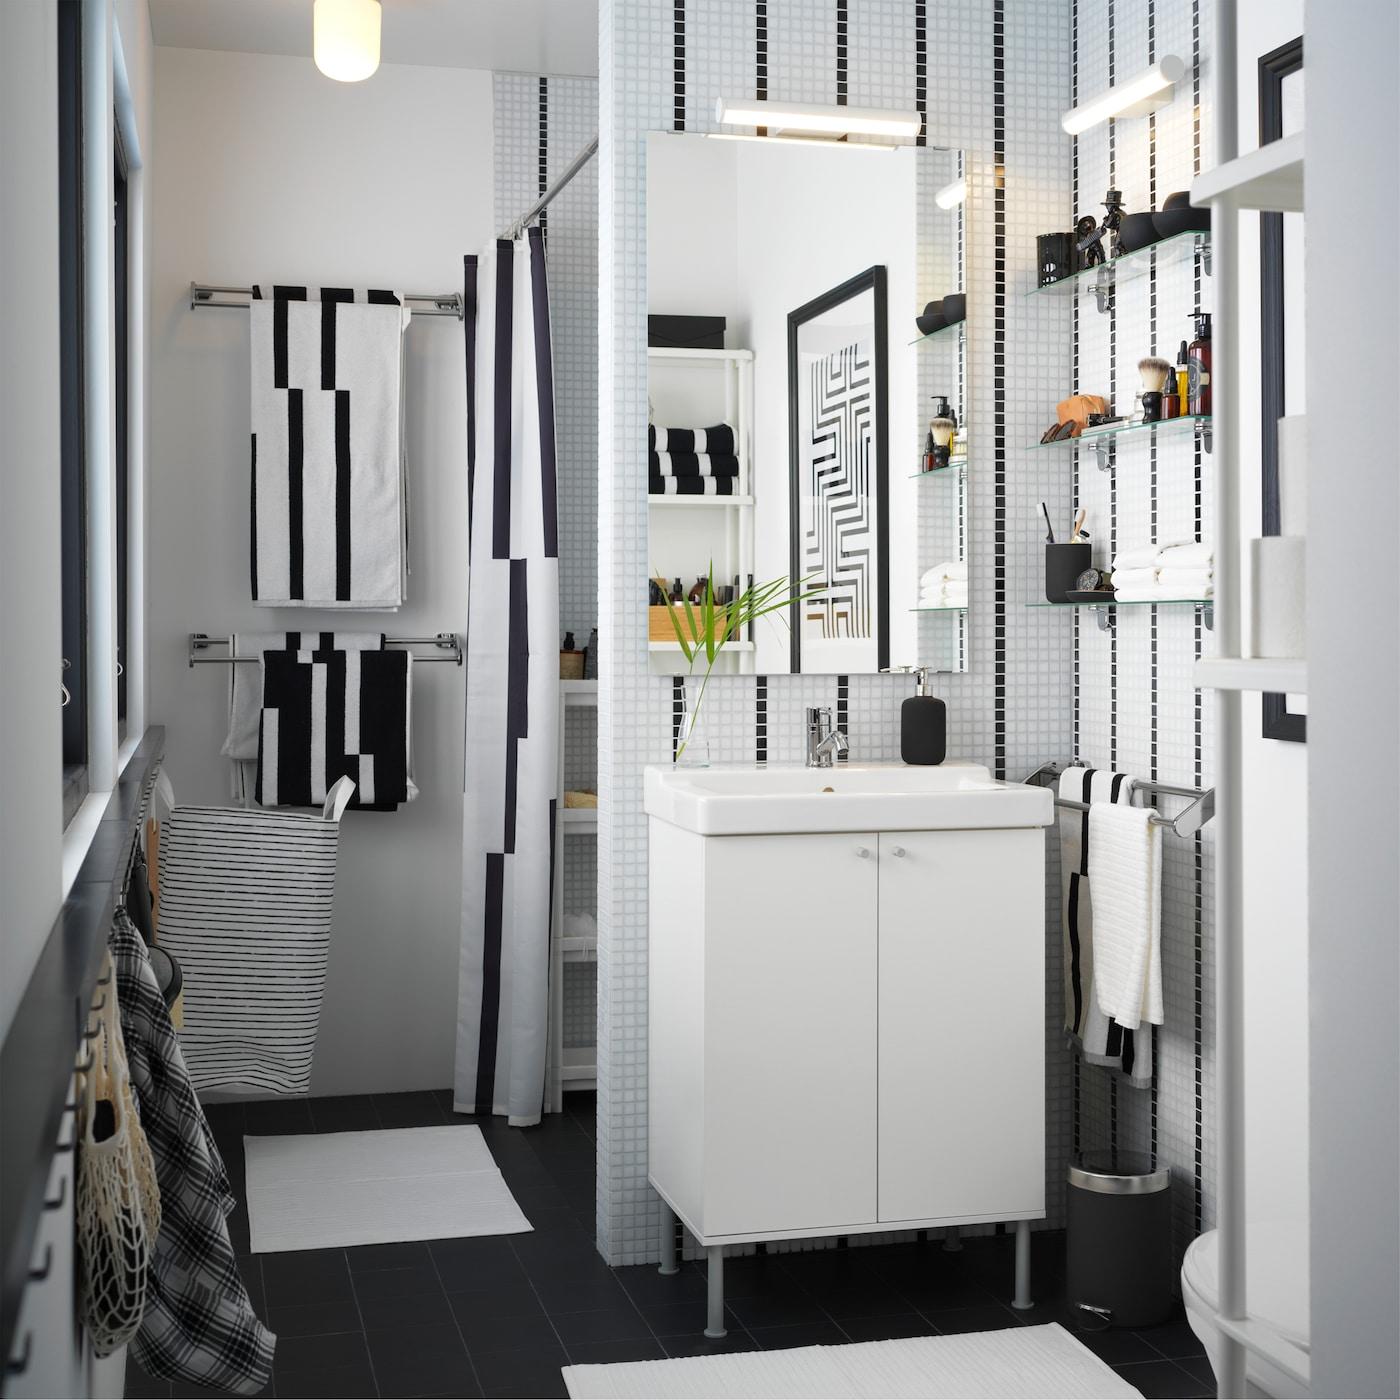 Picture of: Lille Og Smukt Badevaerelse Med Funktionel Opbevaring Ikea